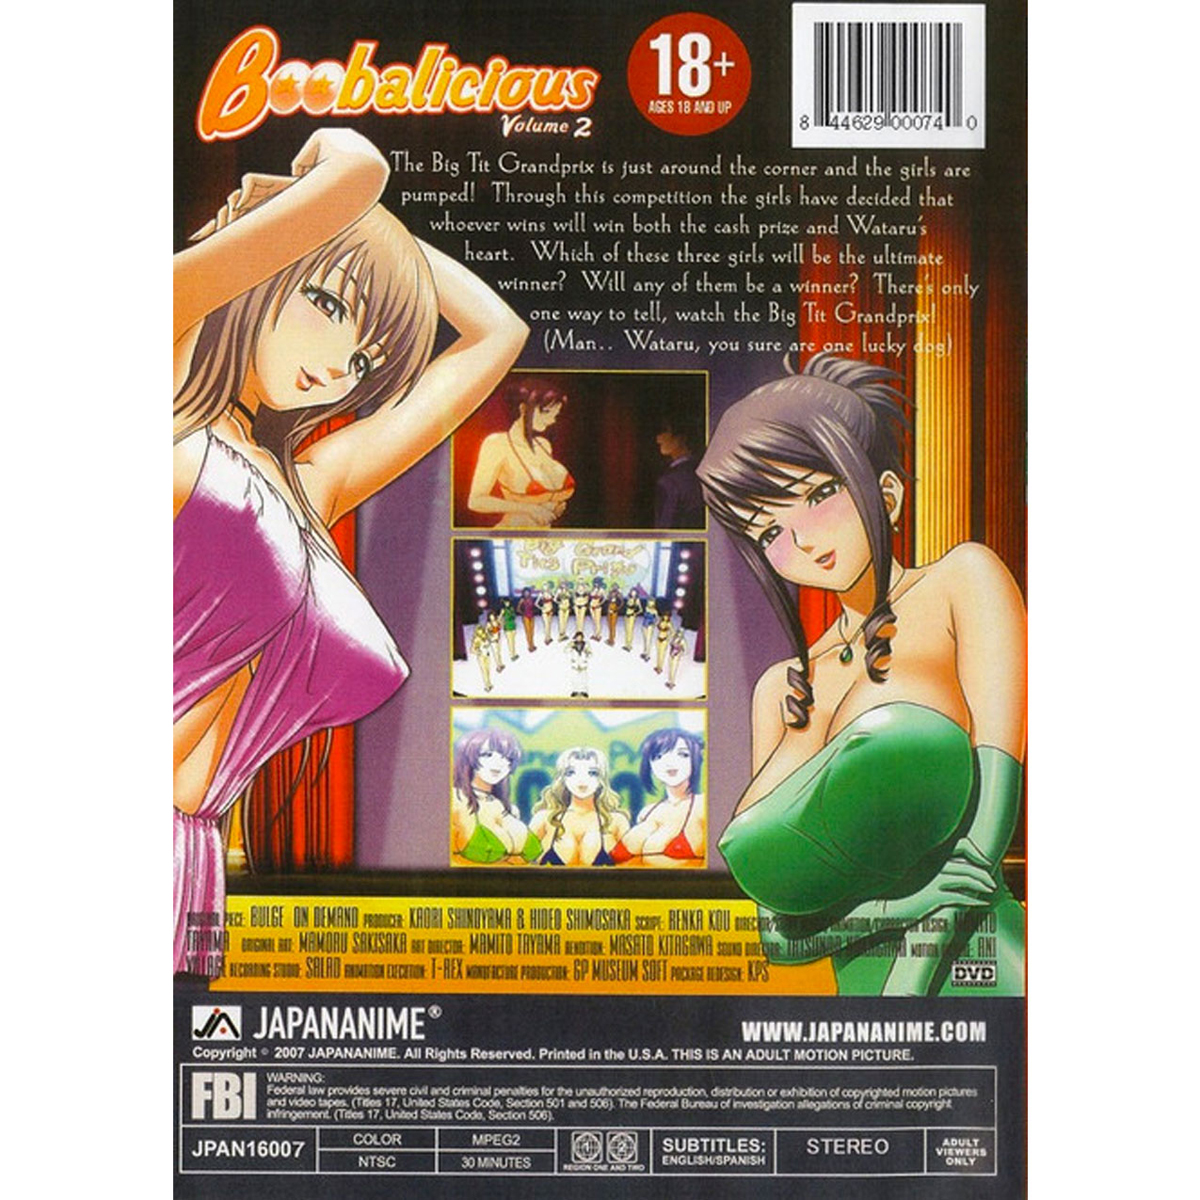 Boobalicious DVD 2